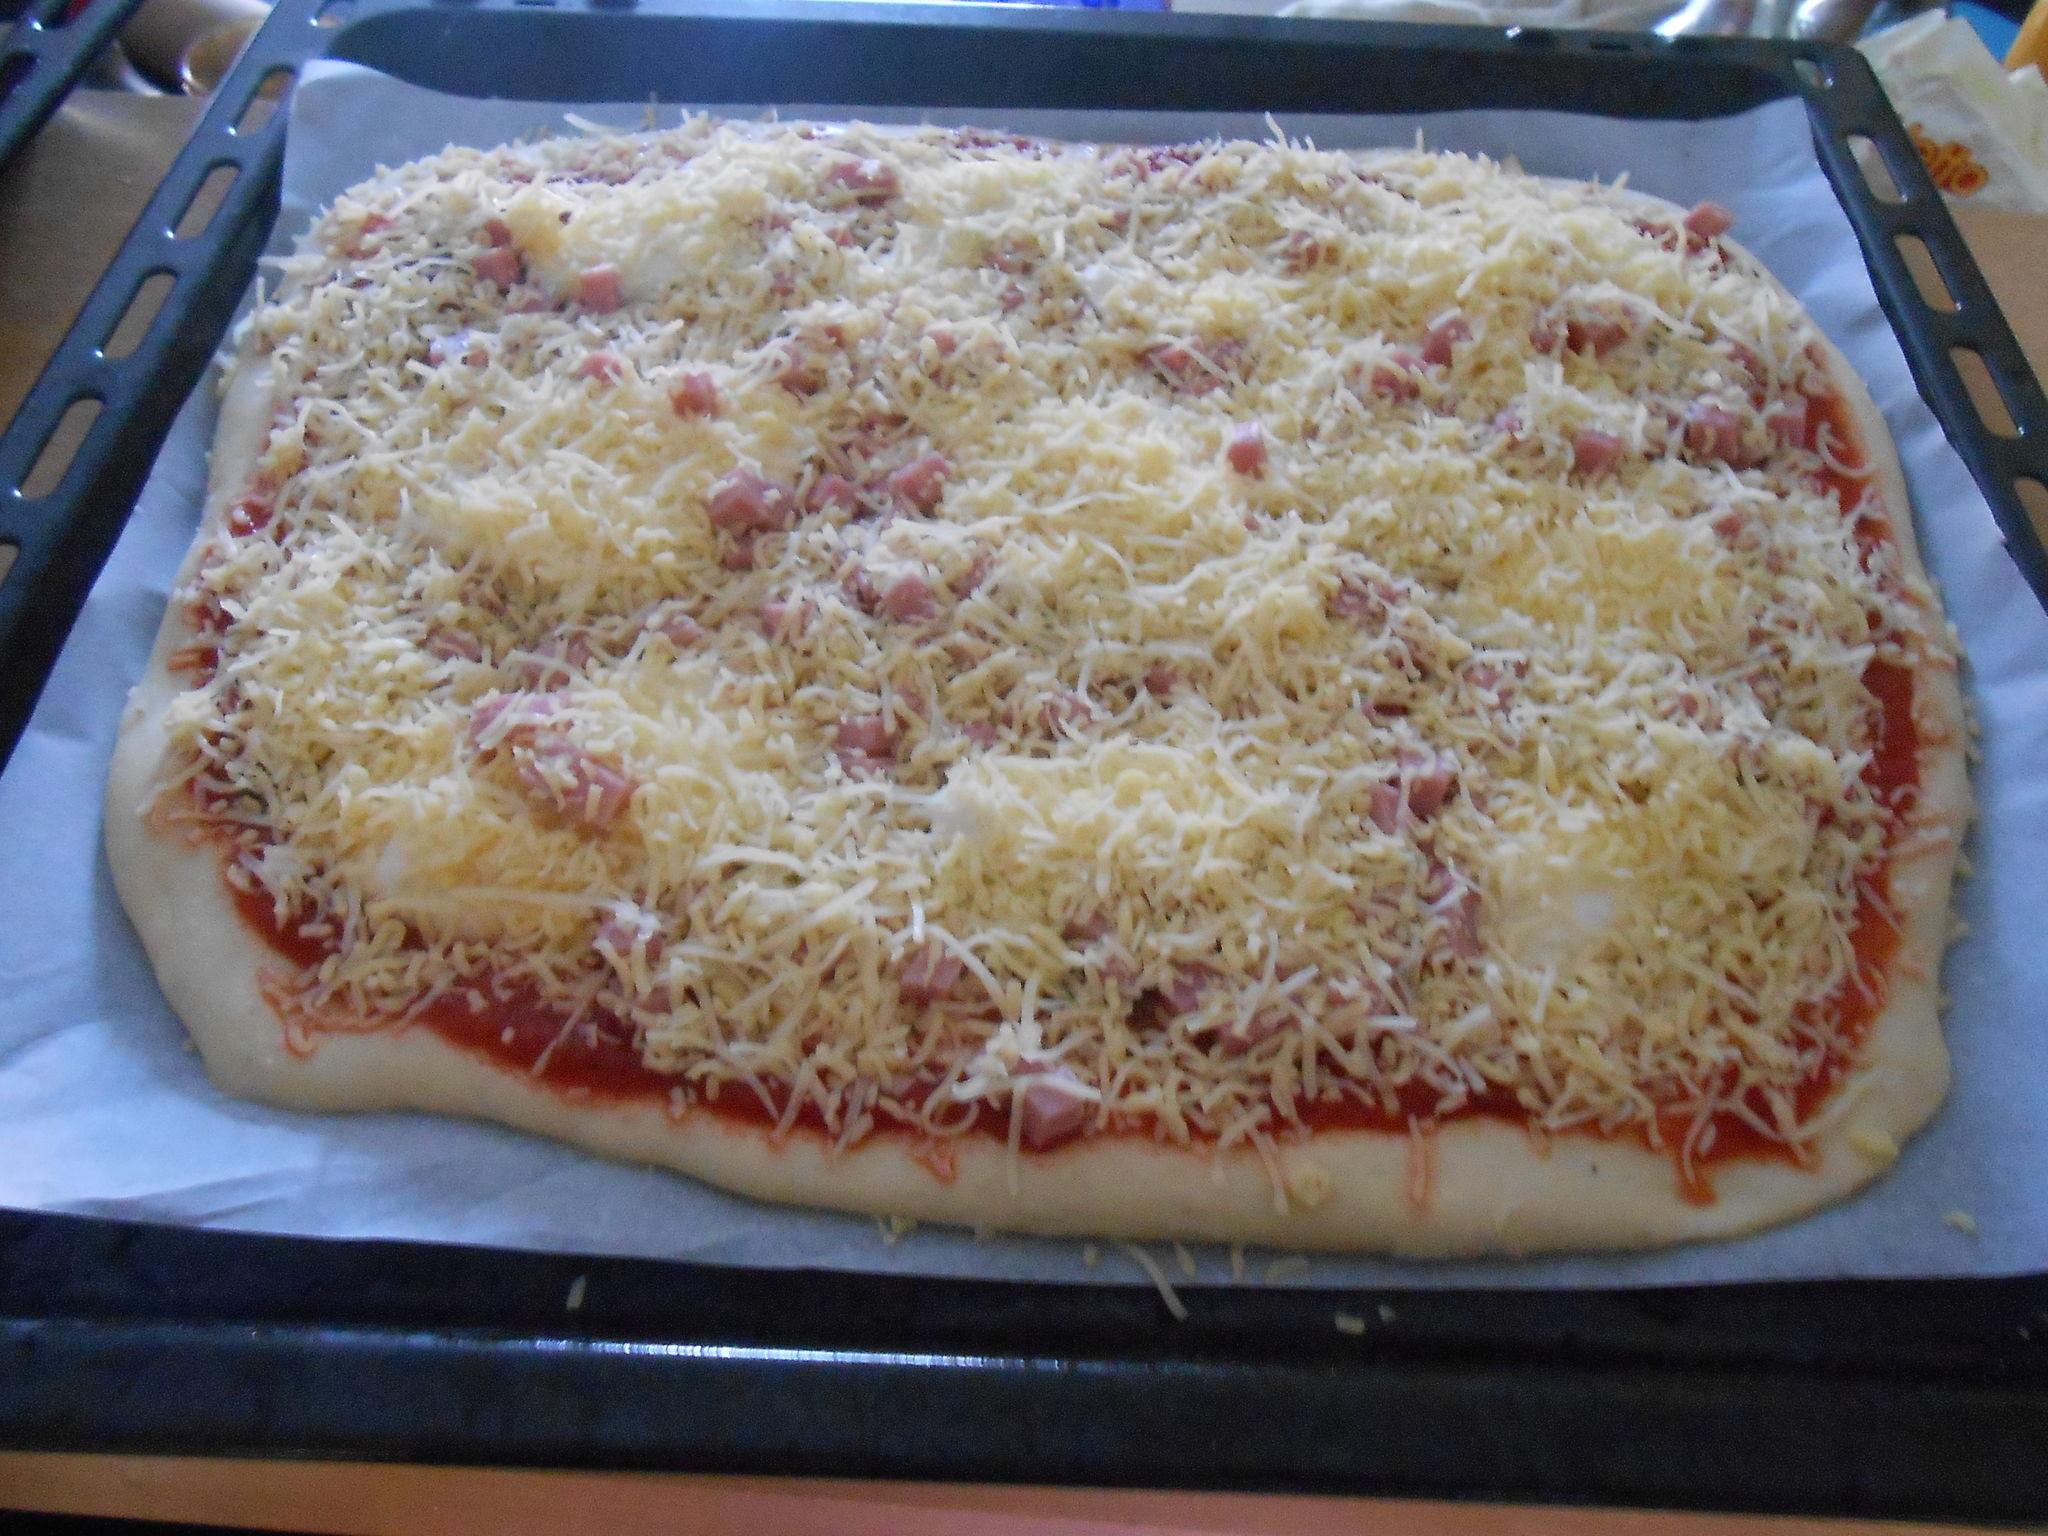 Recette Pate Pizza Maison Best Pizza Au Poulet La Mexicaine La